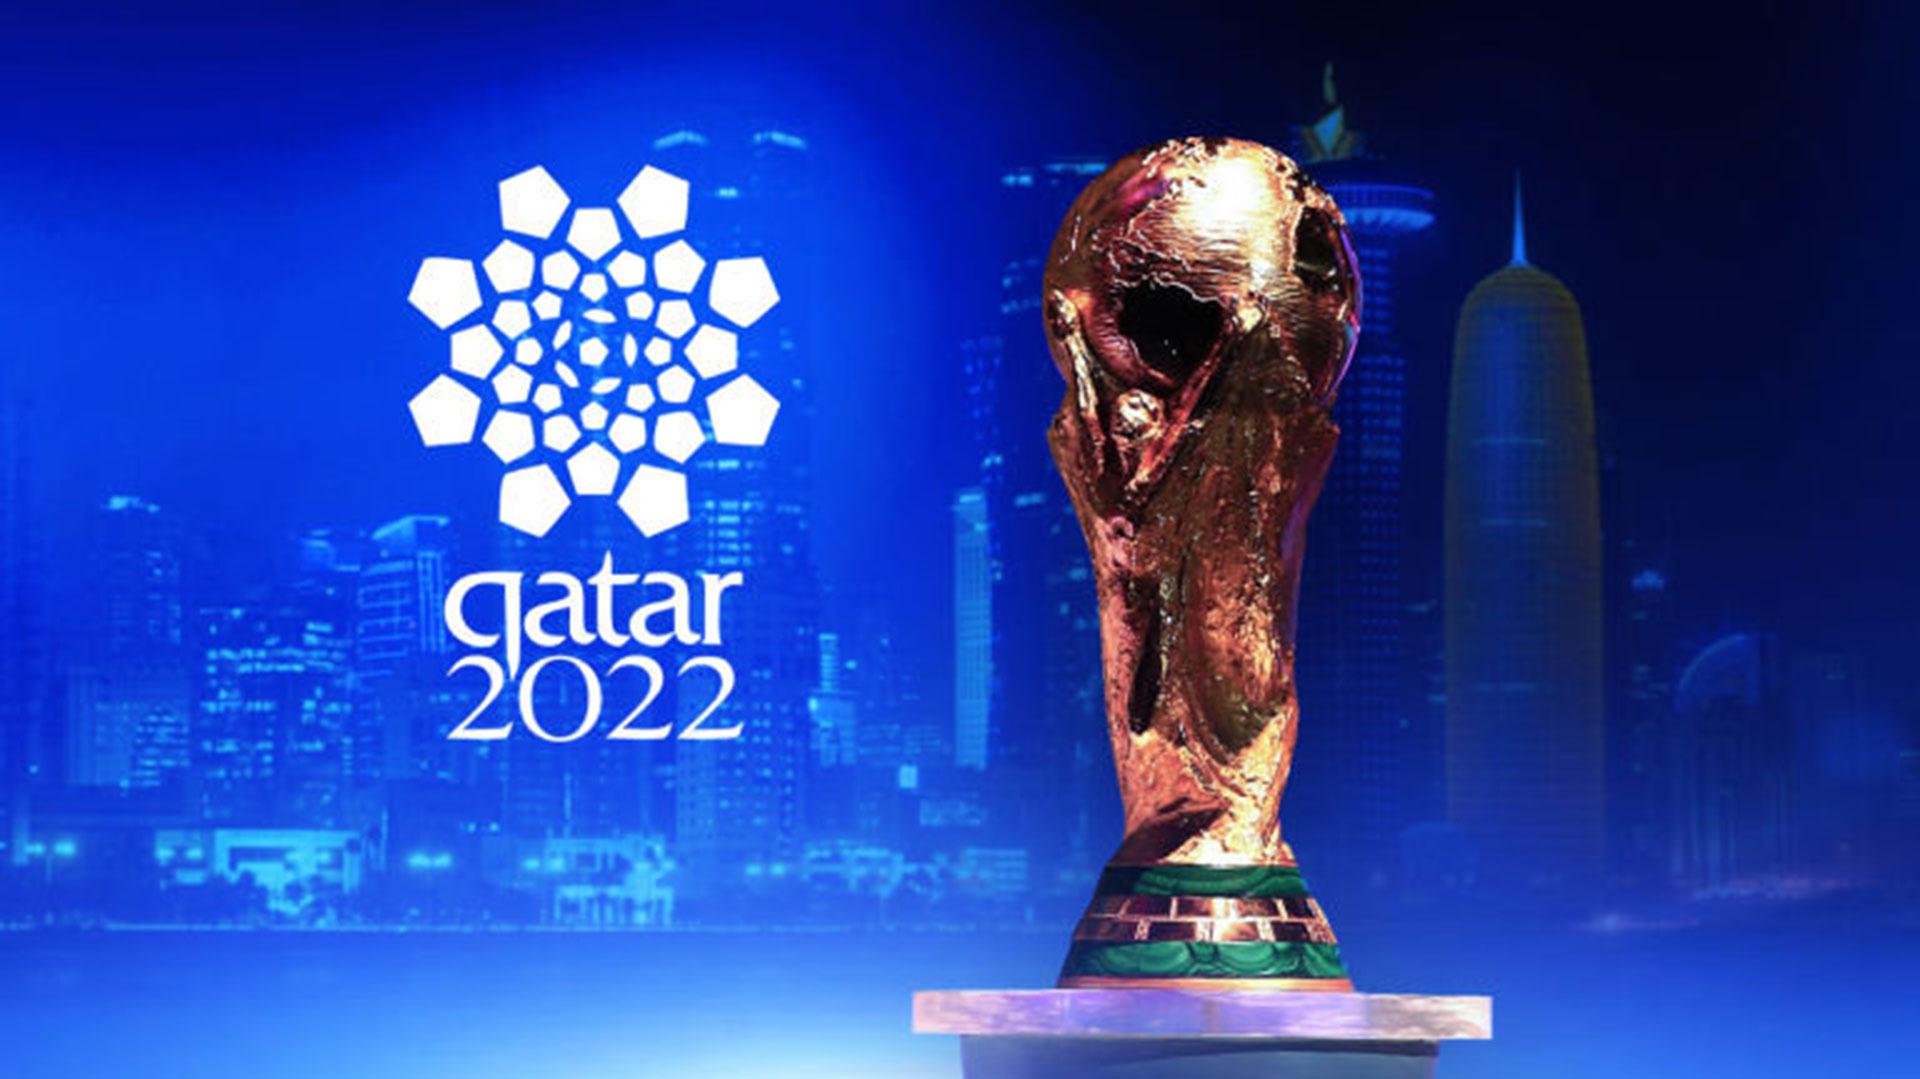 Las Eliminatorias rumbo al Mundial de Qatar 2022 iniciarán en 2020 y habrá  un nuevo sorteo - Infobae